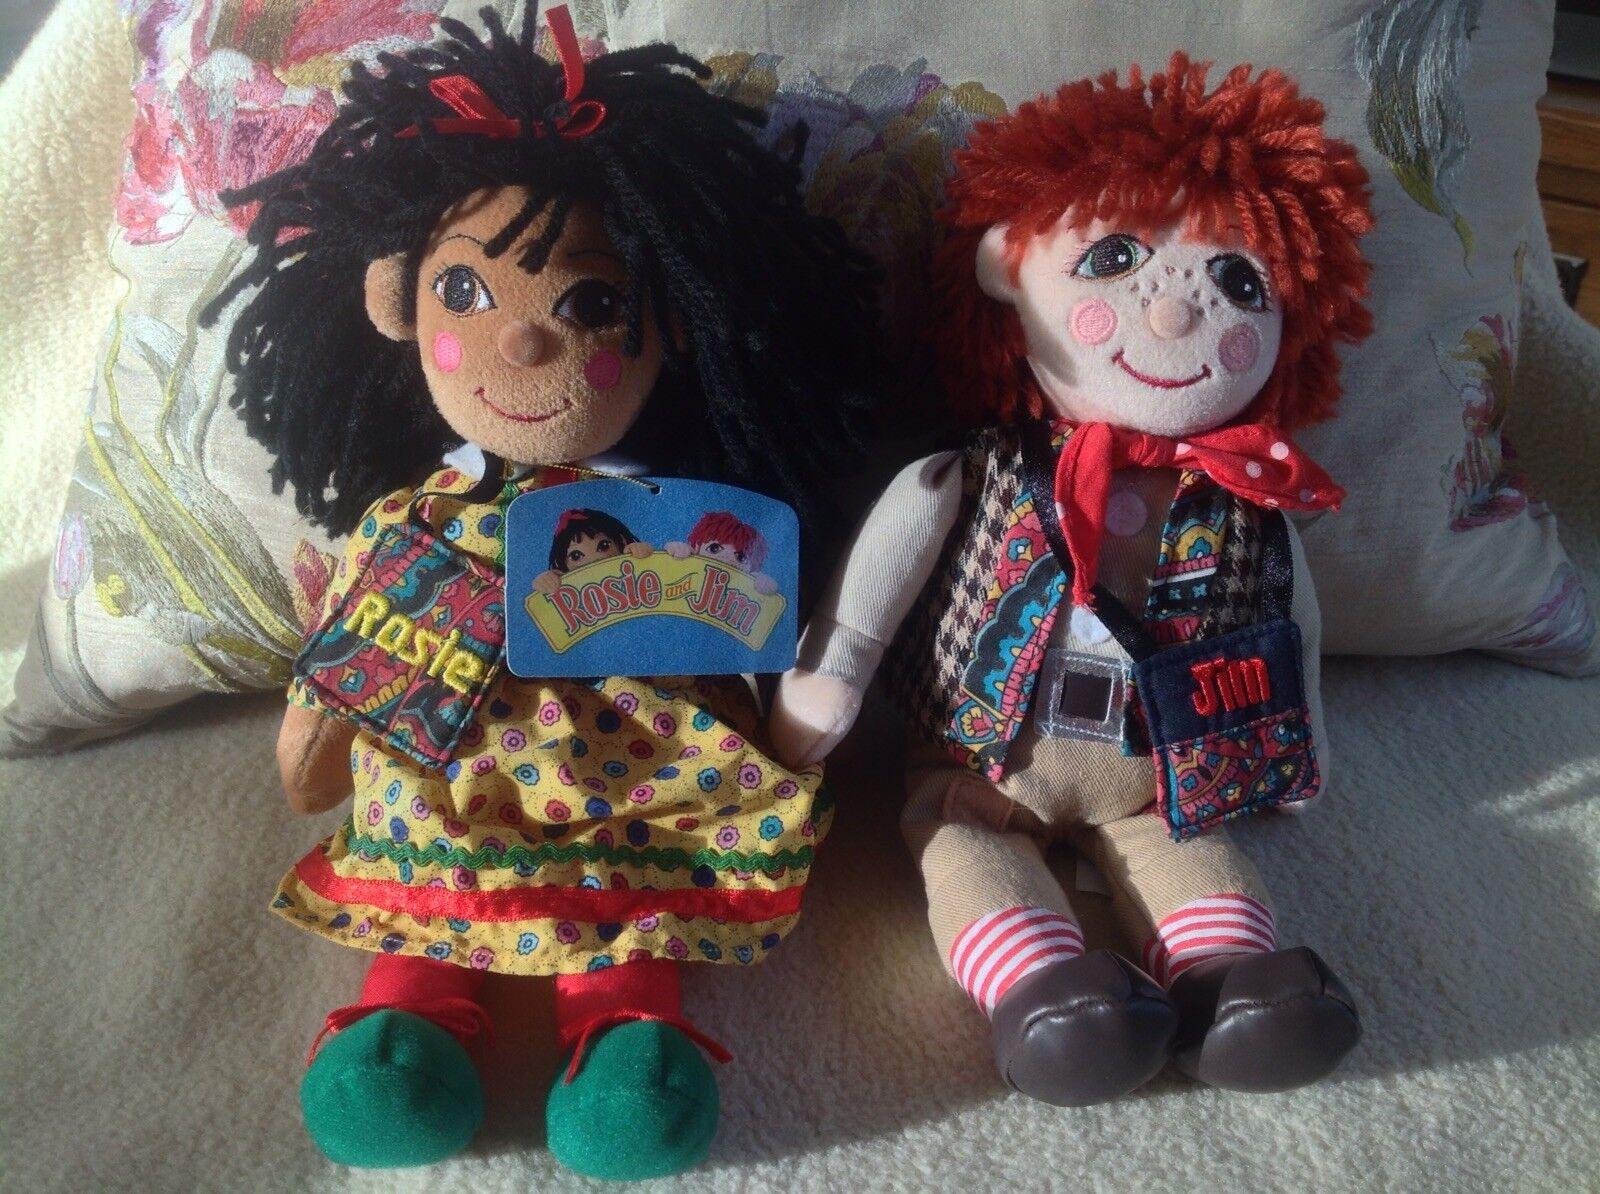 Rosie & Jim plush beanie beanie beanie Rag Dolls avec leurs sacs fourre-tout & Tag!!! - RARE!!! 4df01b